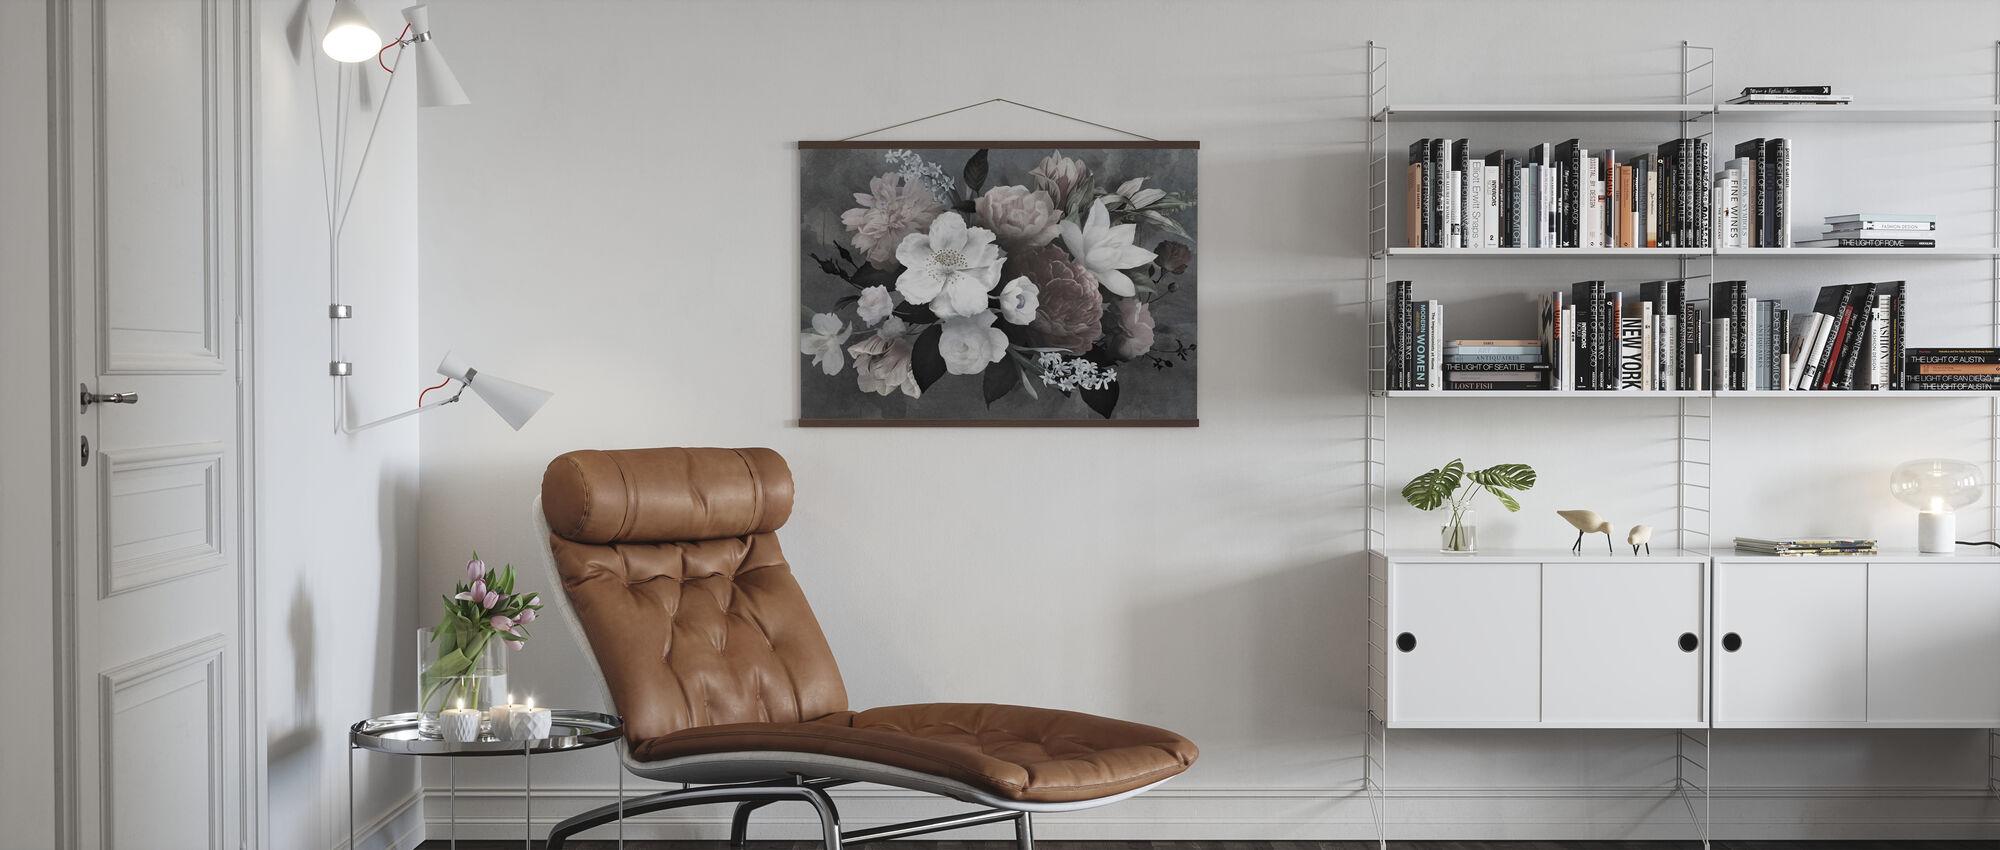 Vintage Blomster - Plakat - Stue